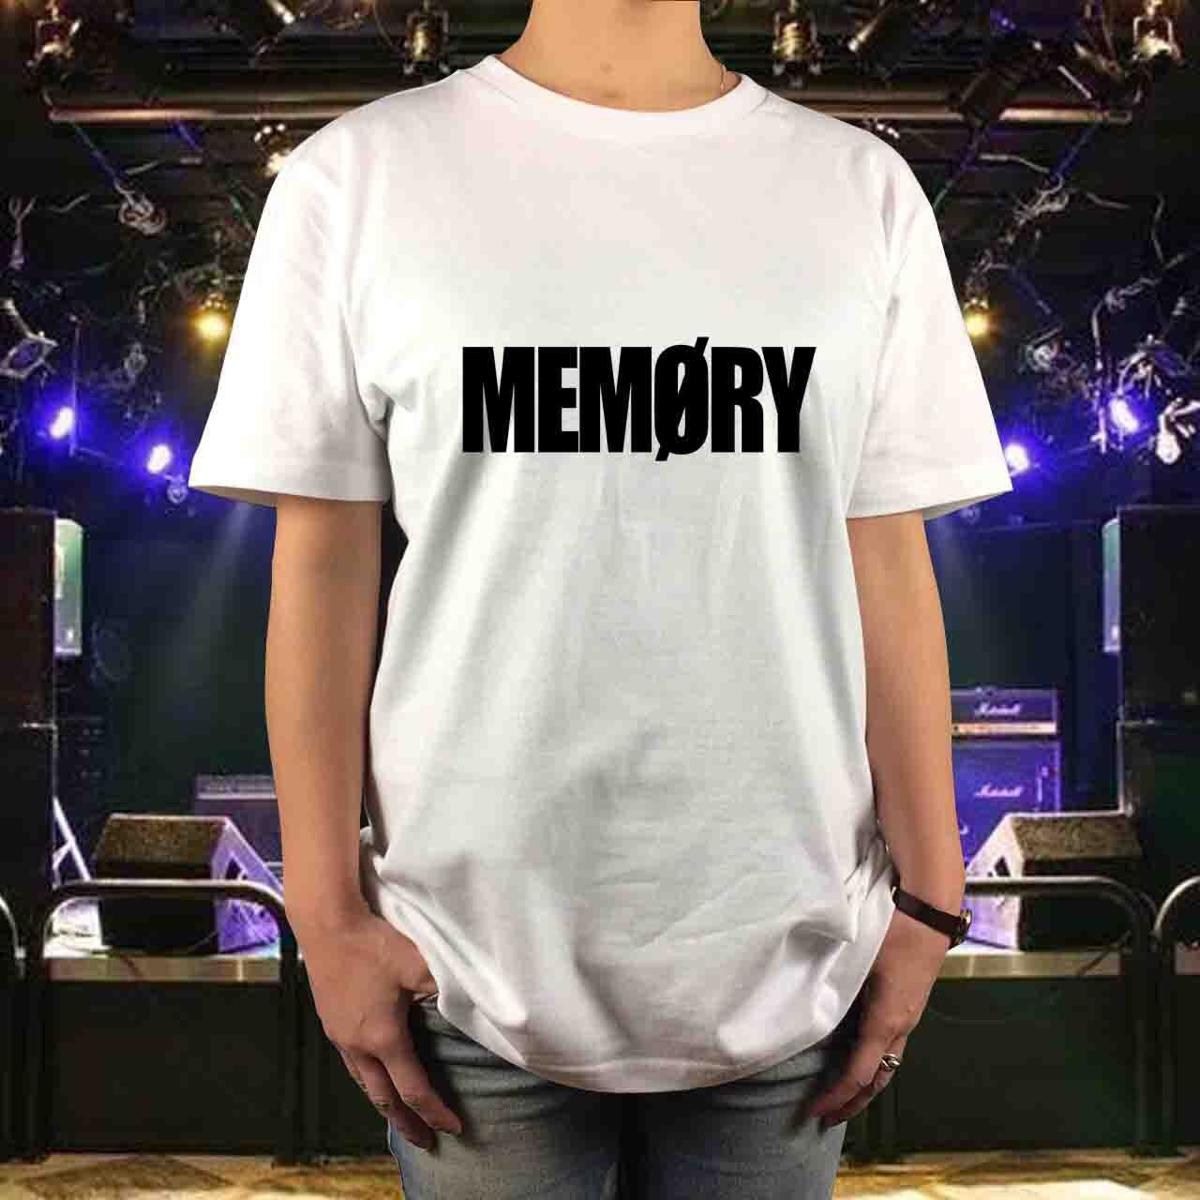 新品 BOOWY ボウイ メッセージTシャツ MEMORY メモリー サイズS,M,L,XL 氷室京介 布袋寅泰 メンズ レディース ユニセックス GIGS Jロック ライブグッズの画像